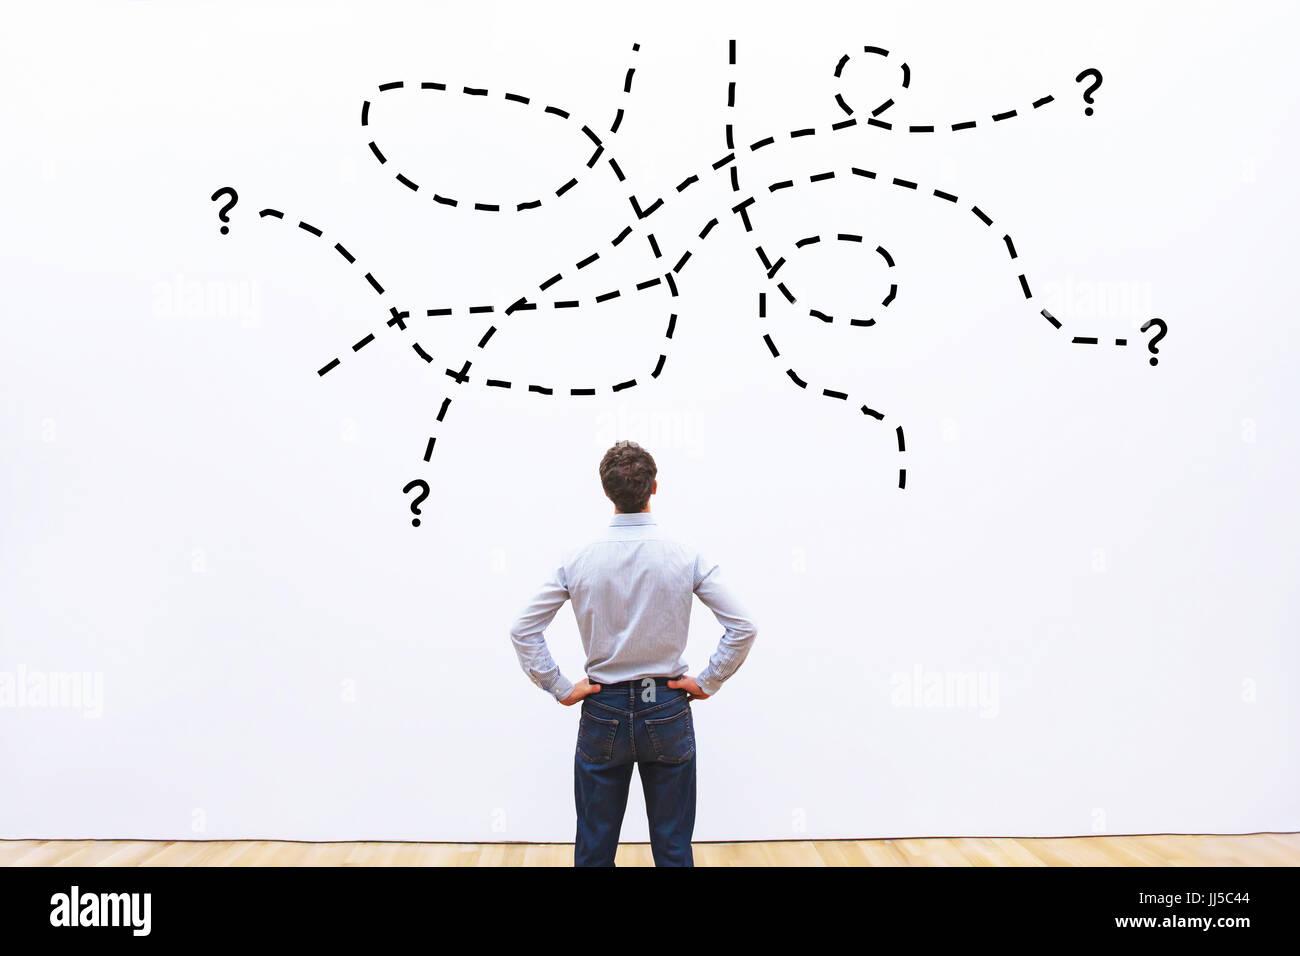 Tâche difficile, complexe ou d'une question d'affaires de l'ONU, problème concept Photo Stock